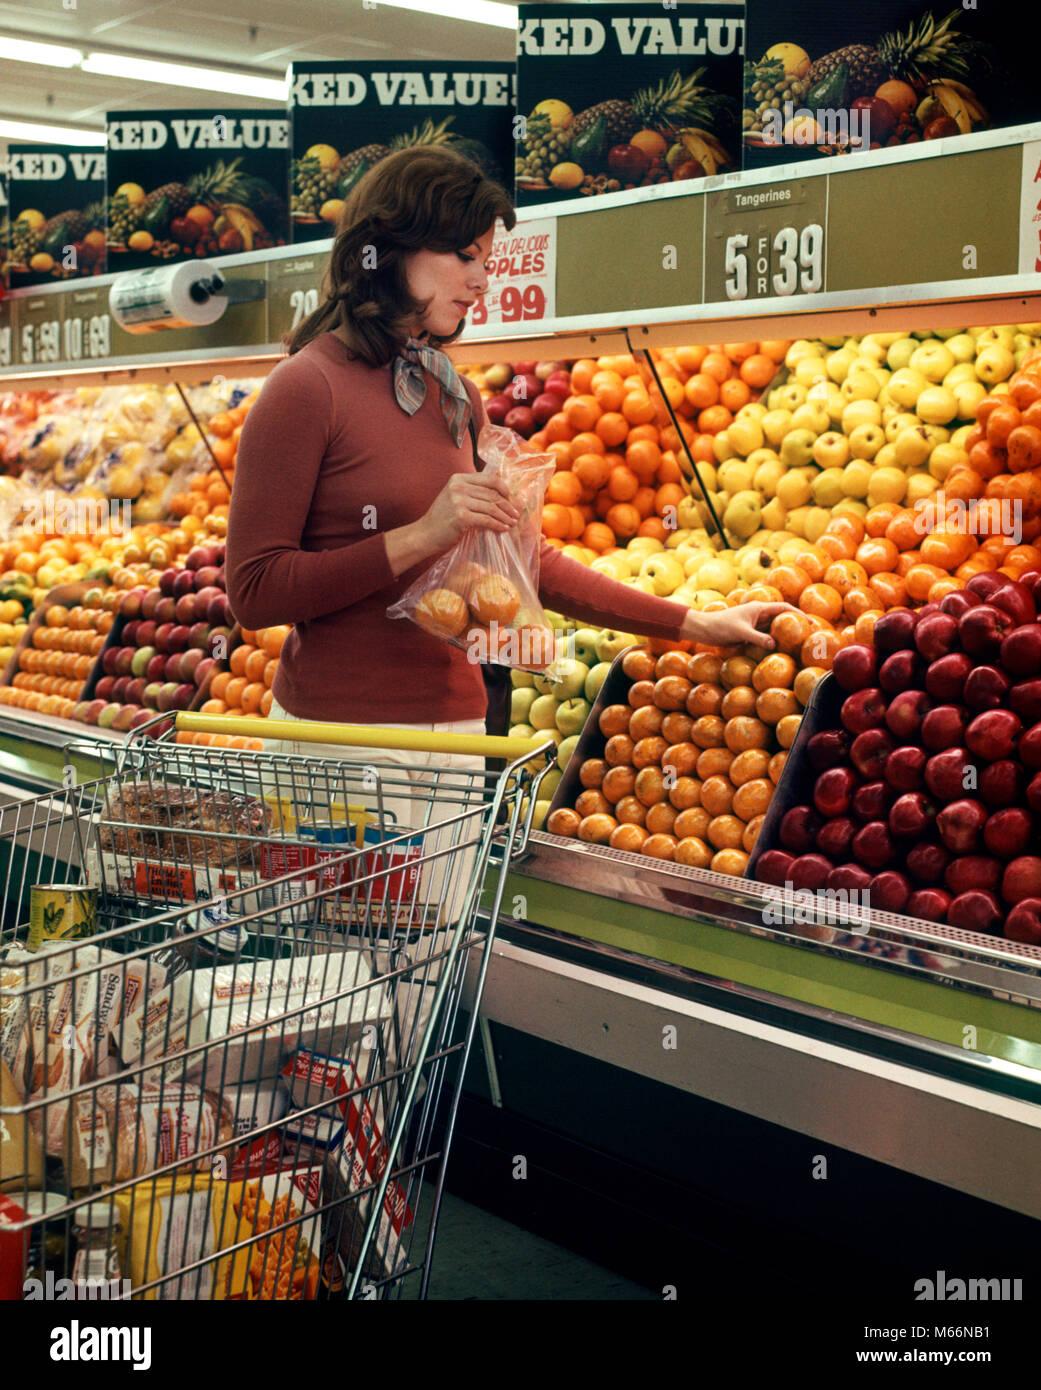 1970 FEMME ÉPICERIE PANIER SÉLECTION D'ORANGES DANS PRODUIRE MINISTÈRE DE L'ALIMENTATION Photo Stock